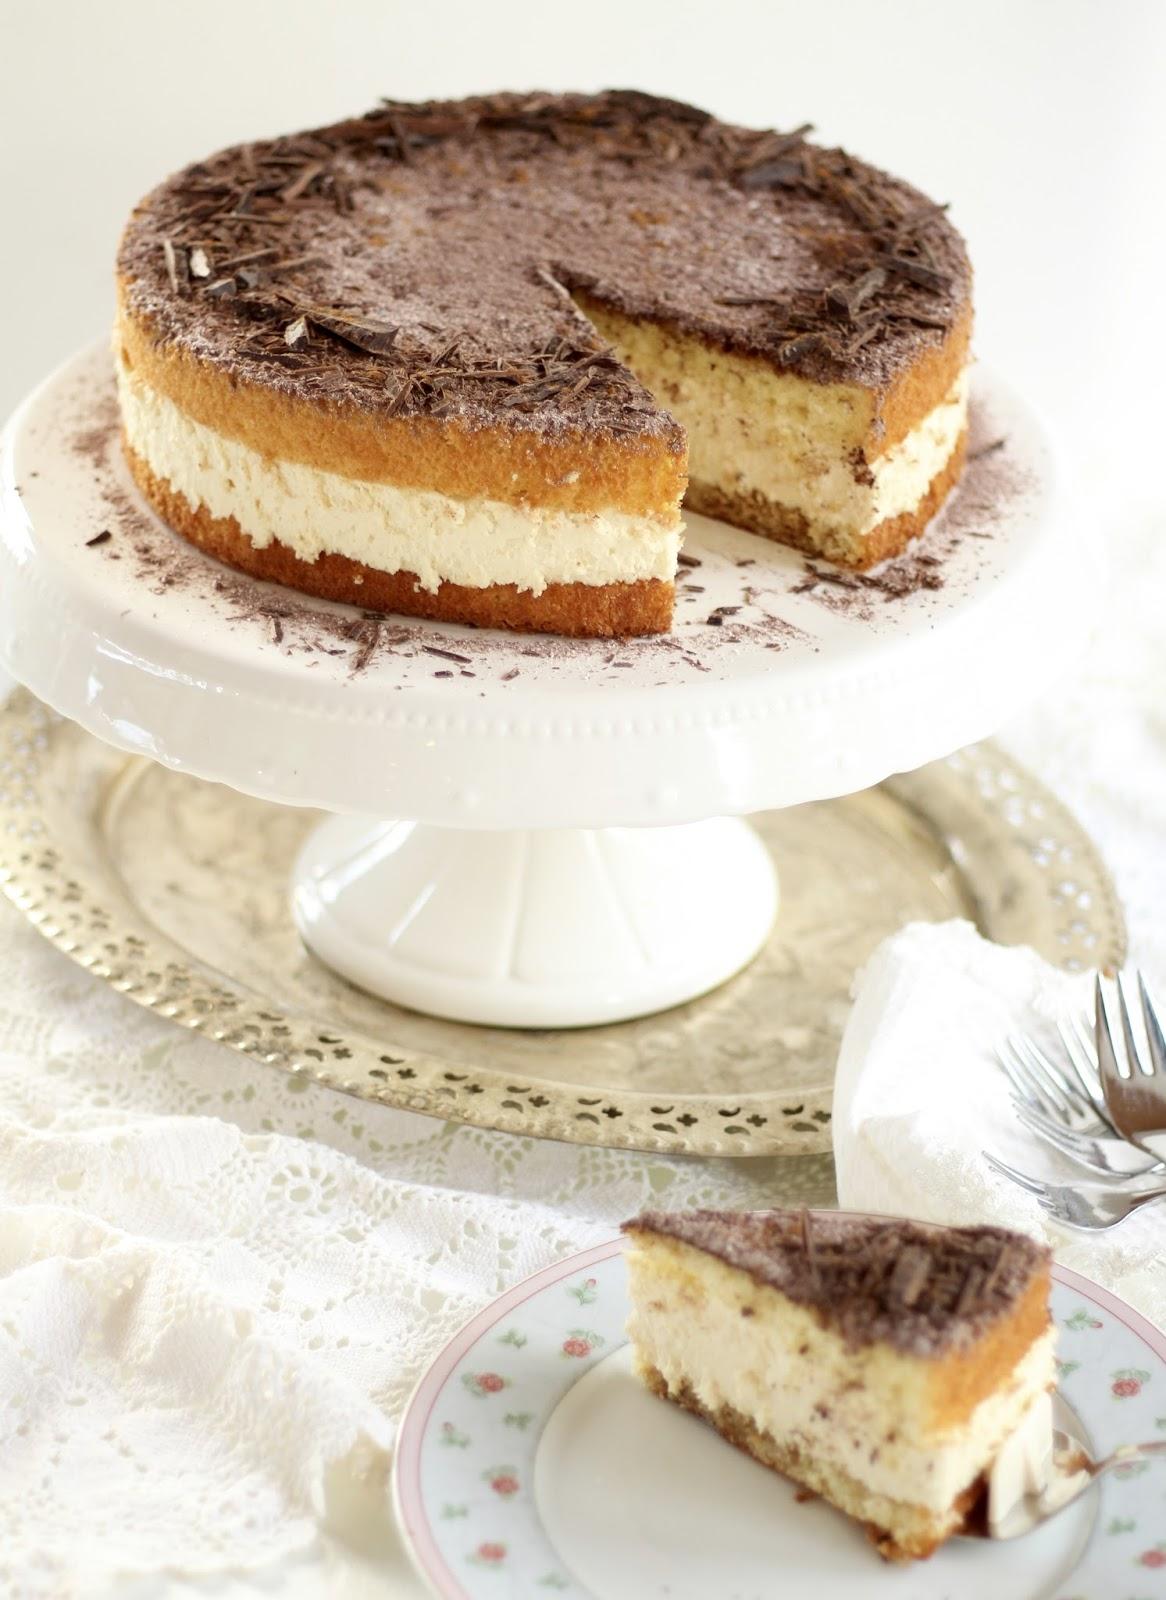 Himmlisch flauschige, cremige Tiramisu Torte - Klassische Torte für die Kaffeetafel